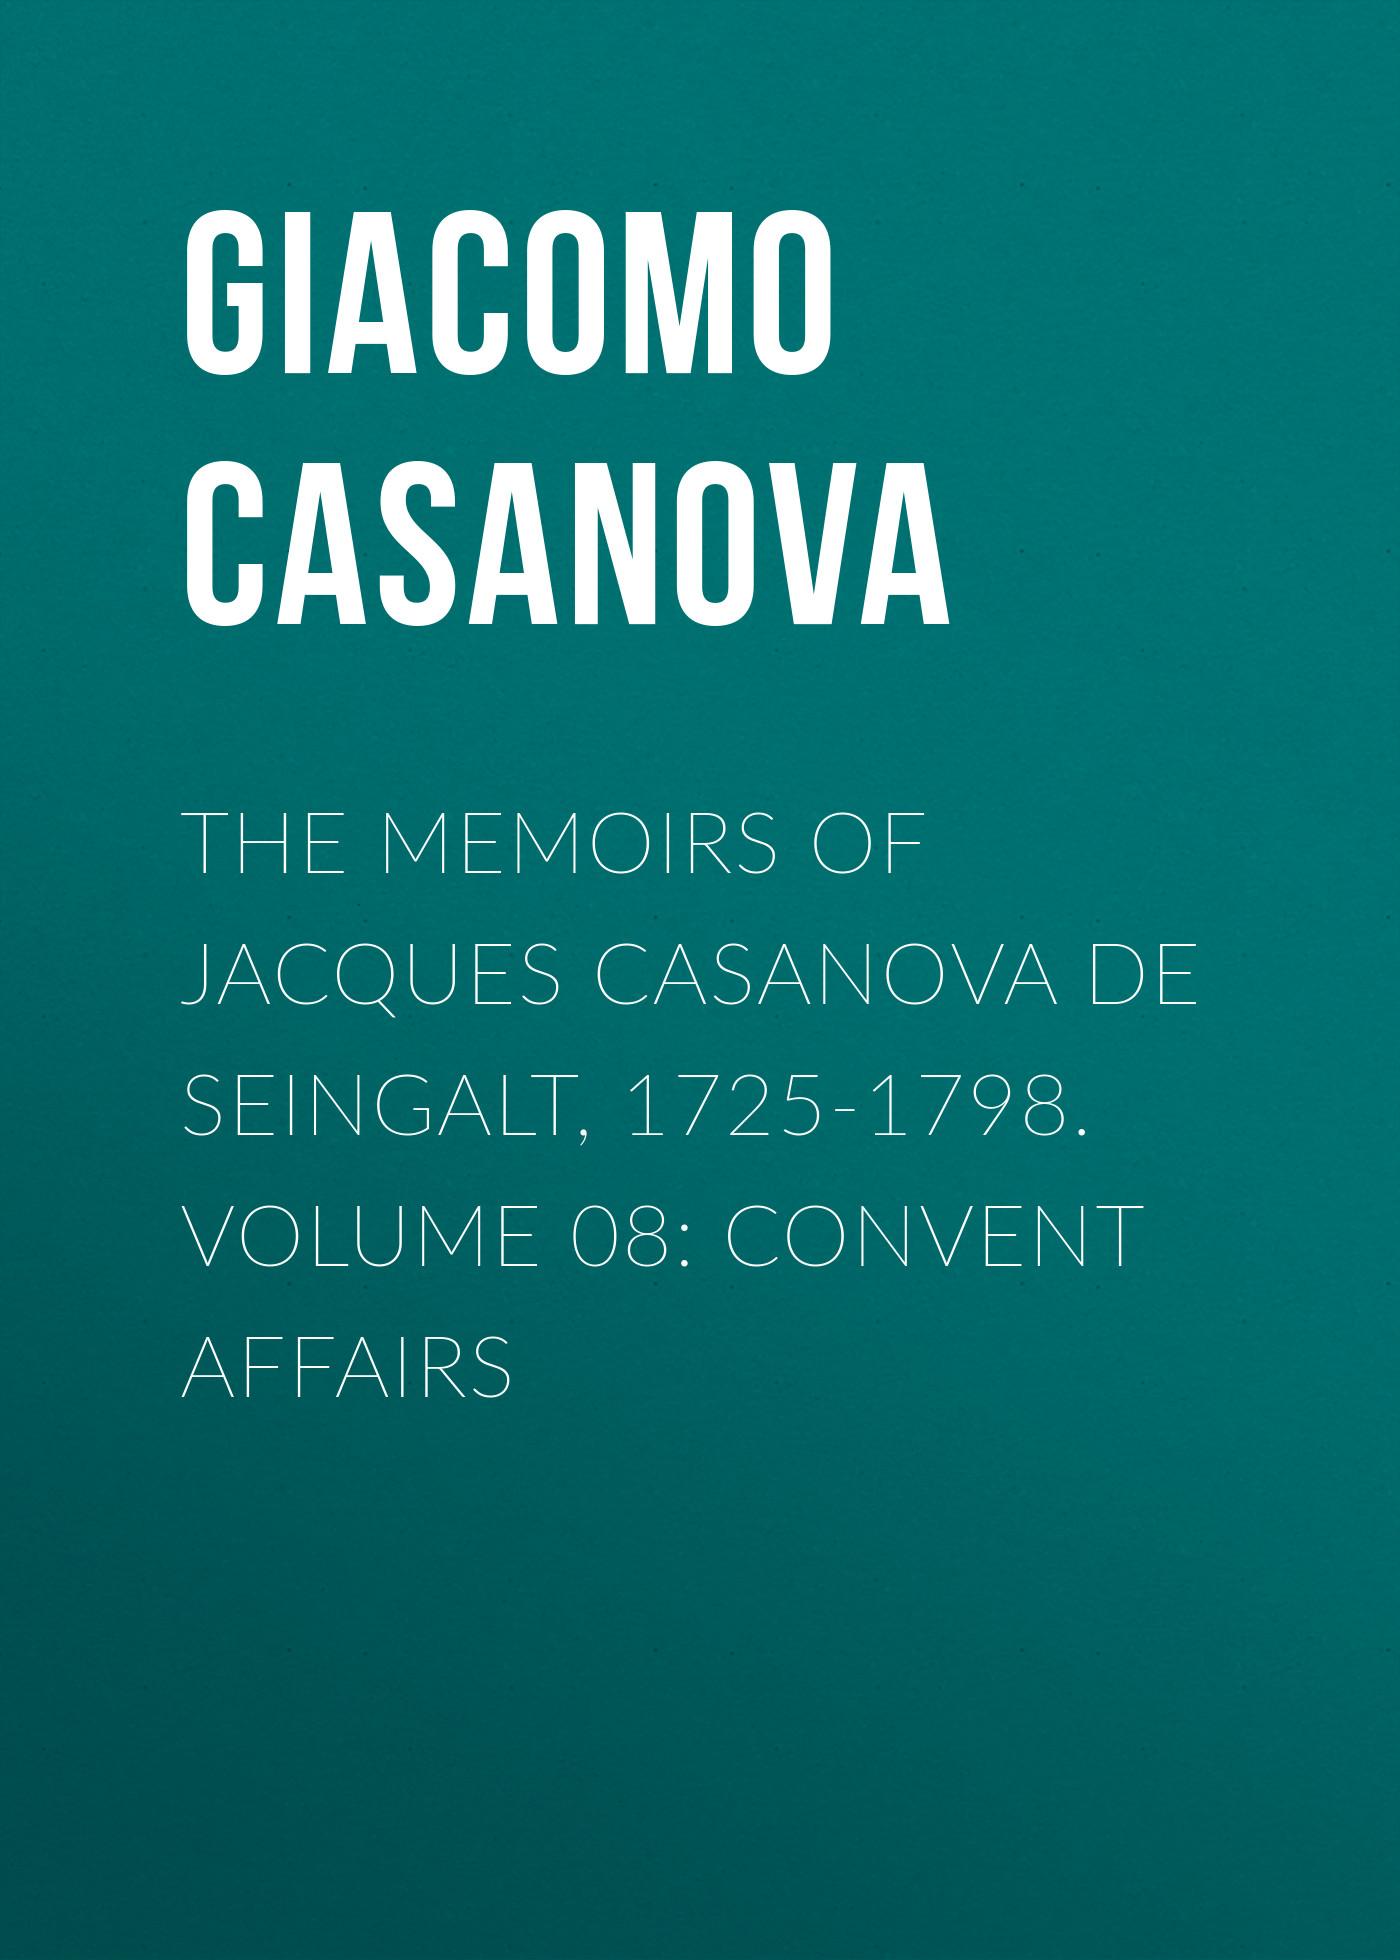 Giacomo Casanova The Memoirs of Jacques Casanova de Seingalt, 1725-1798. Volume 08: Convent Affairs giacomo casanova the memoirs of jacques casanova de seingalt 1725 1798 volume 17 return to italy